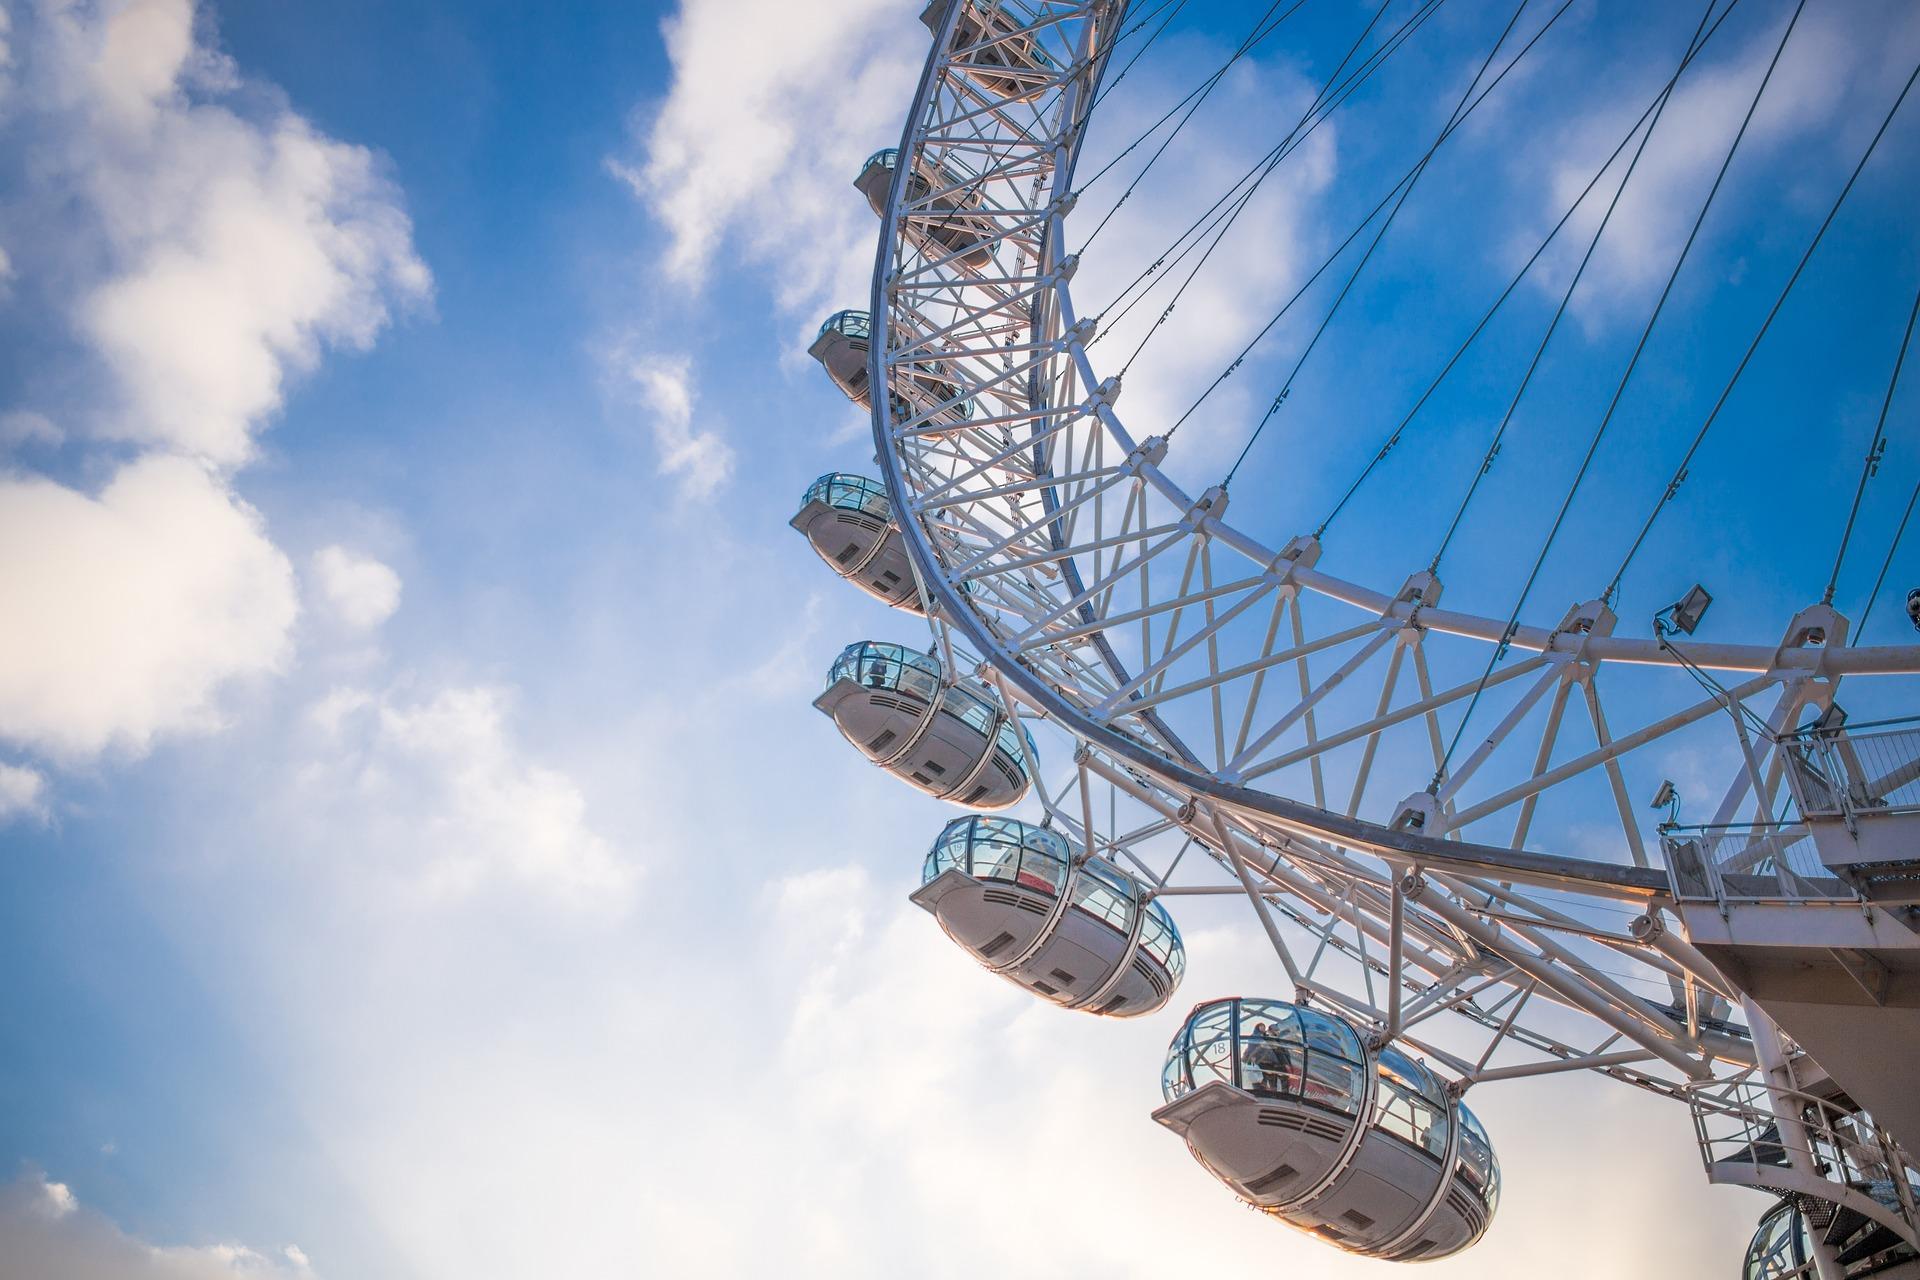 London Eye, Ferris Wheel